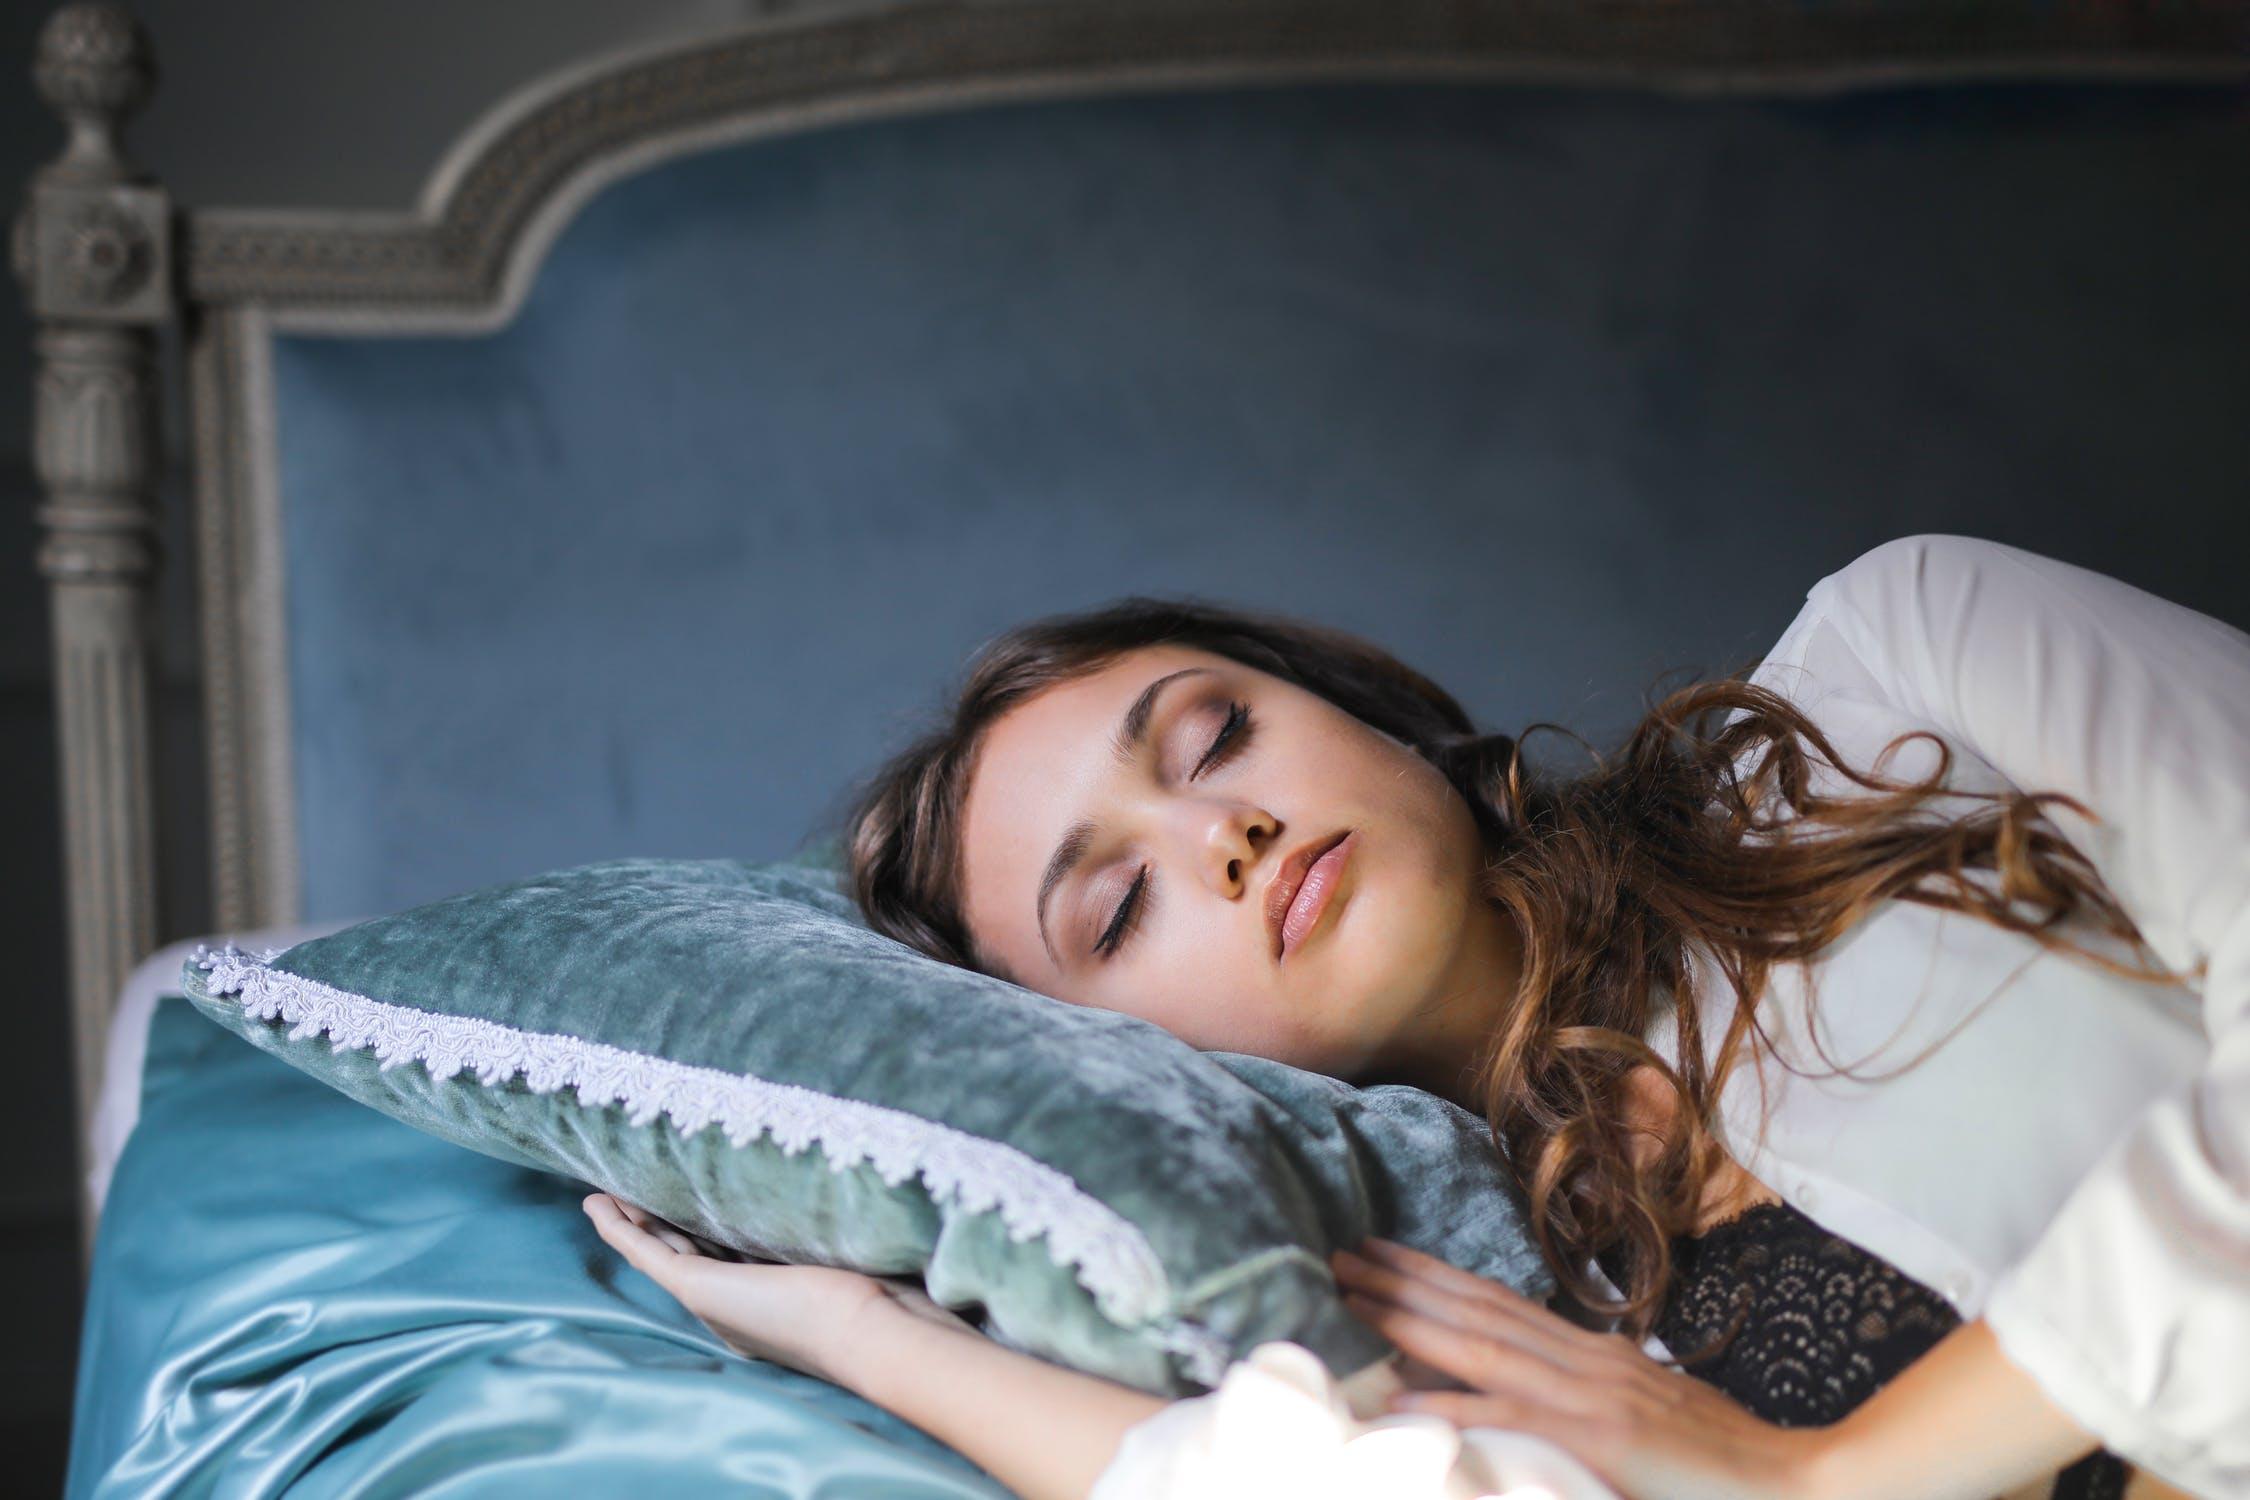 I Migliori Cuscini Per Dormire.Cuscino Gravidanza I Migliori Per Dormire Meglio Utile In